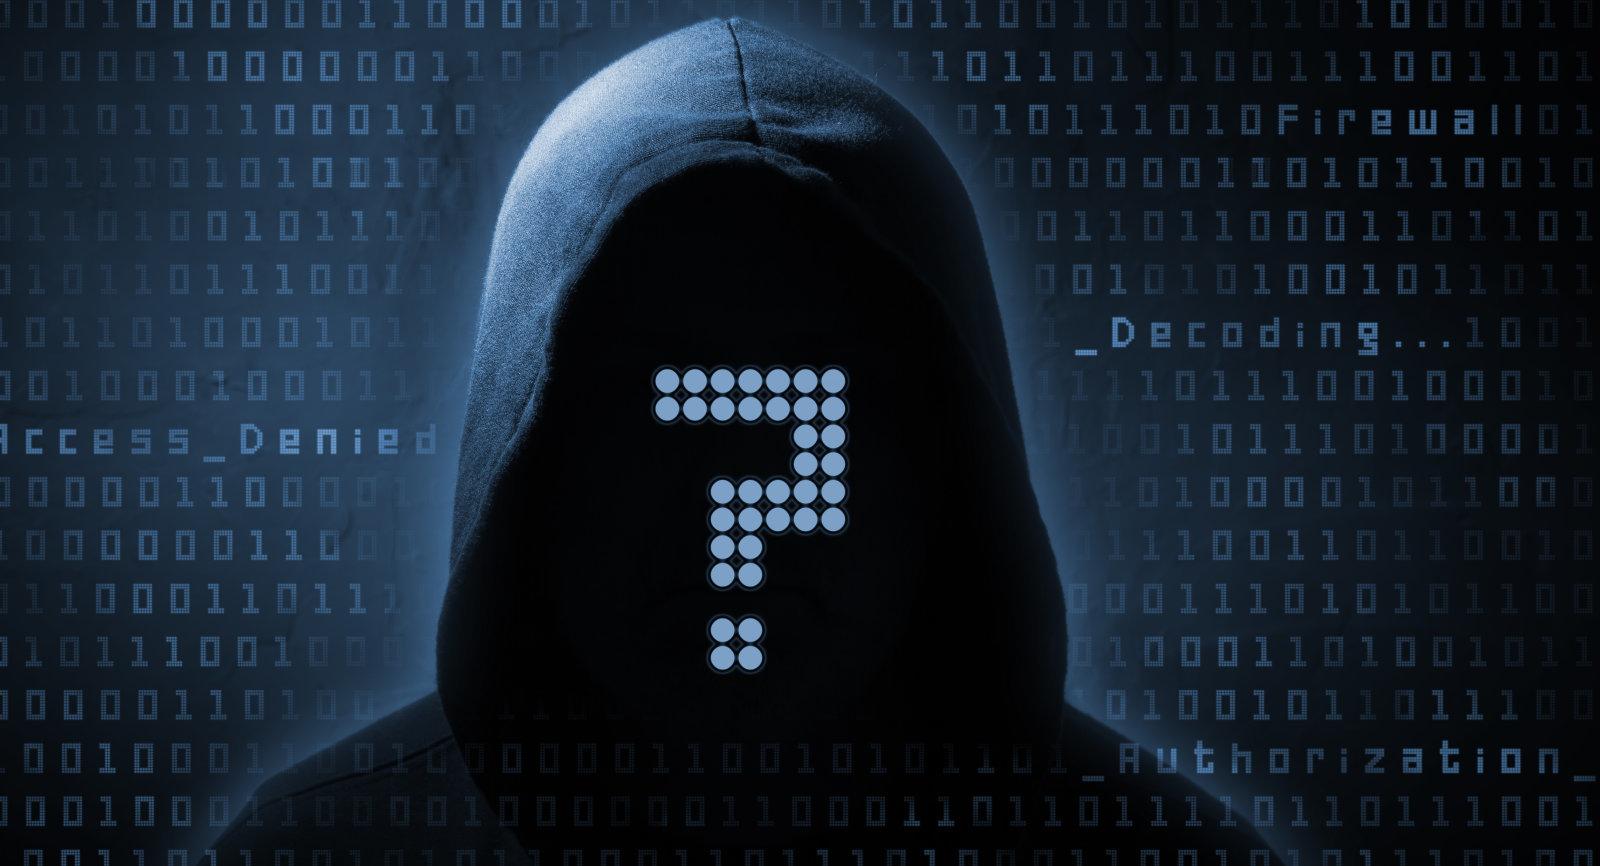 Hình ảnh Hacker cực đẹp